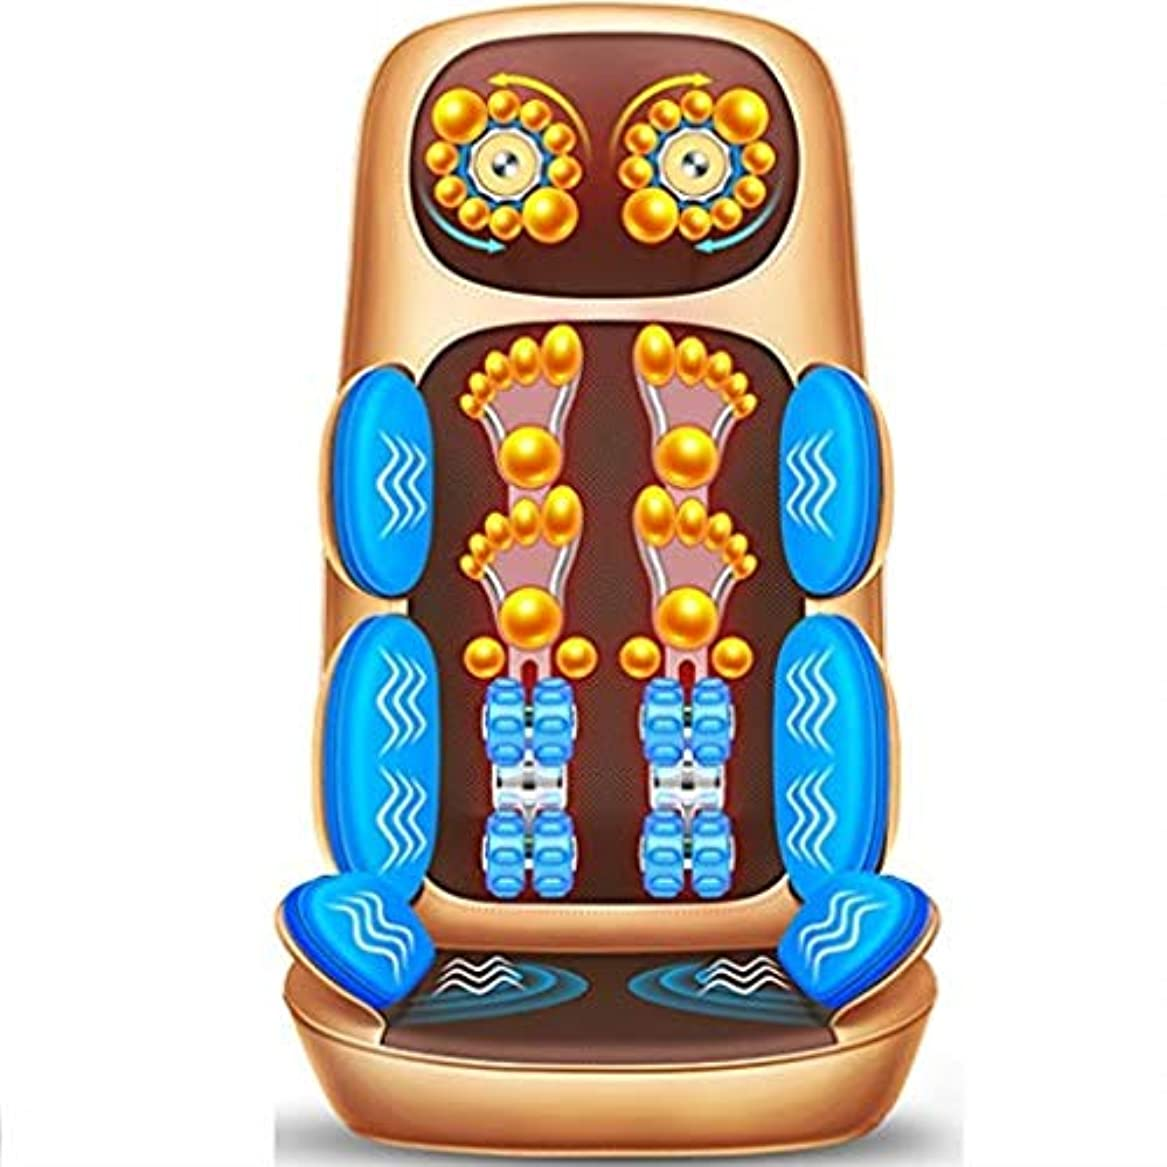 説得力のある占める繊維電気マッサージクッション、多機能ボディマッサージクッション、車のホームオフィスに適した、首腰肩暖房クッション